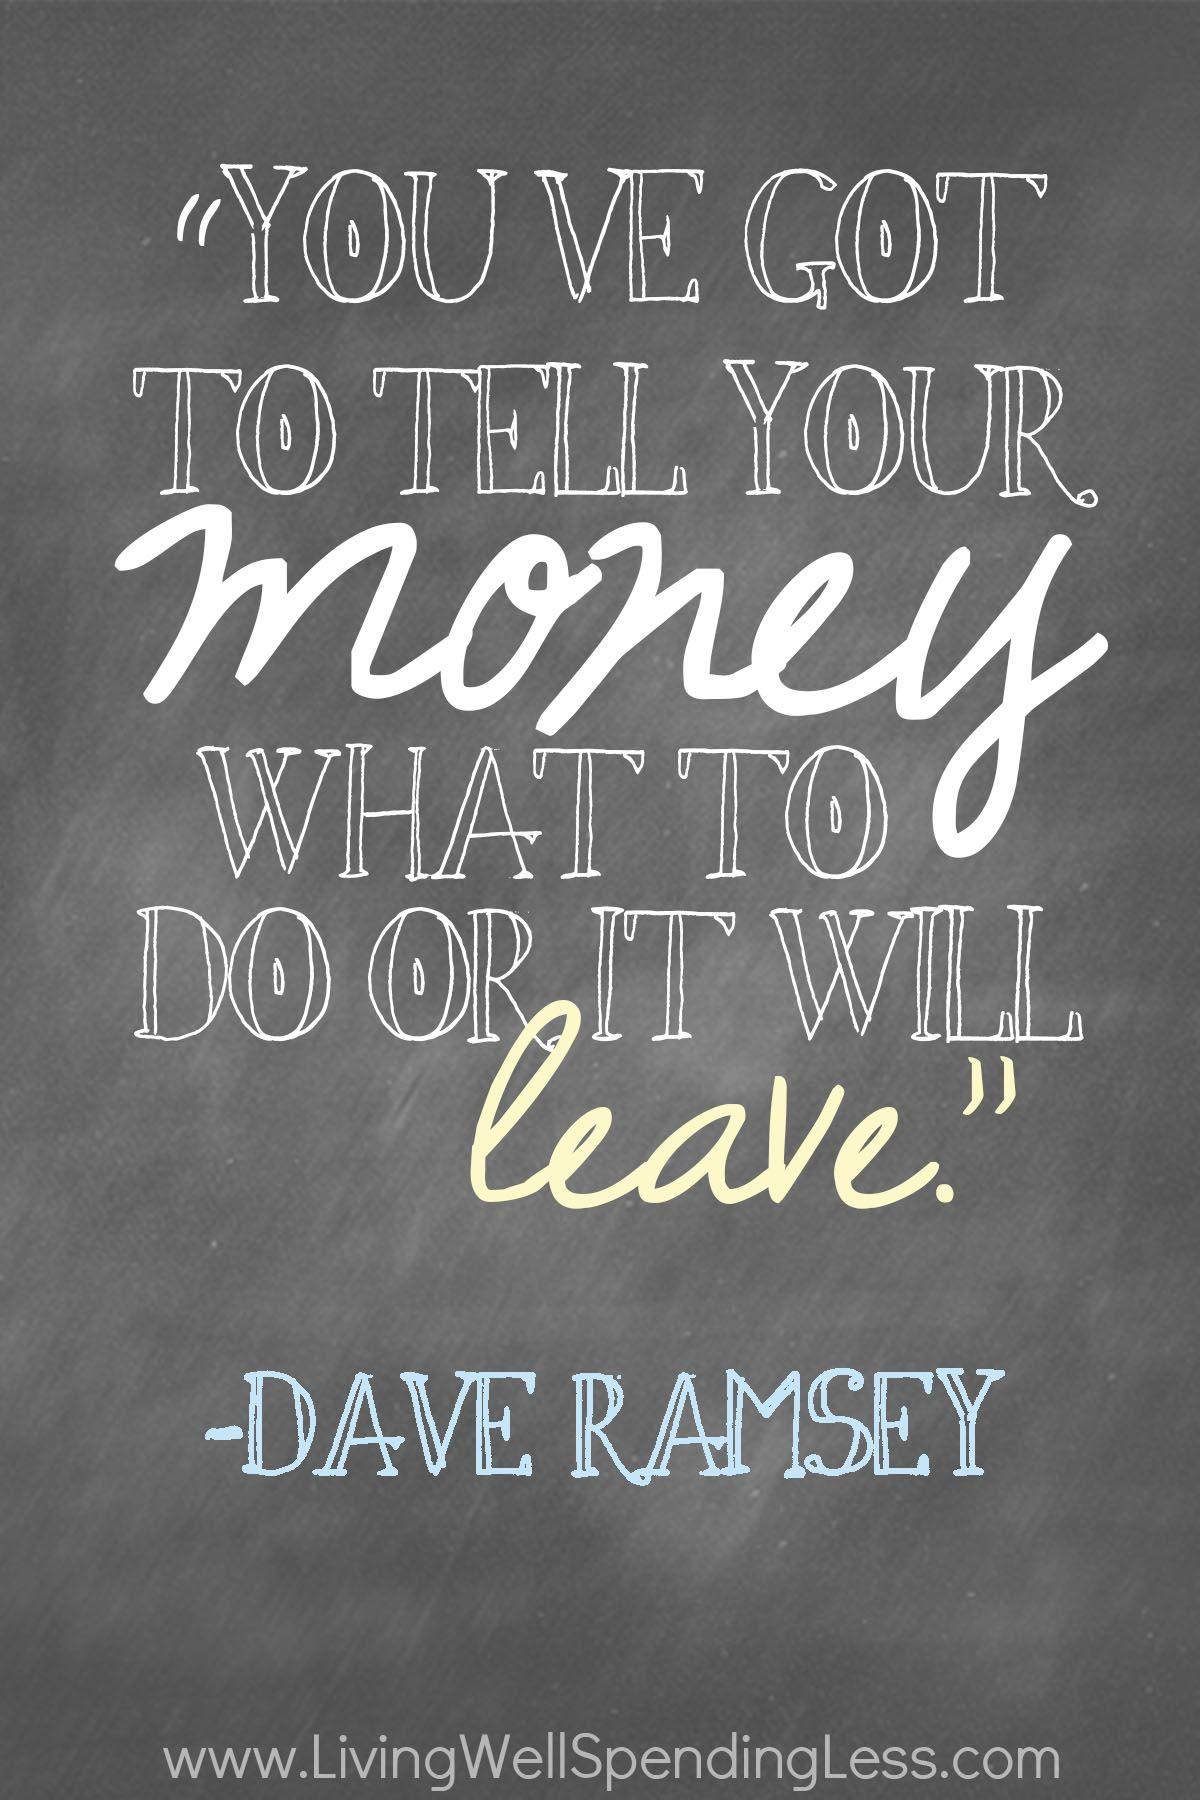 Sudbury payday loans image 1